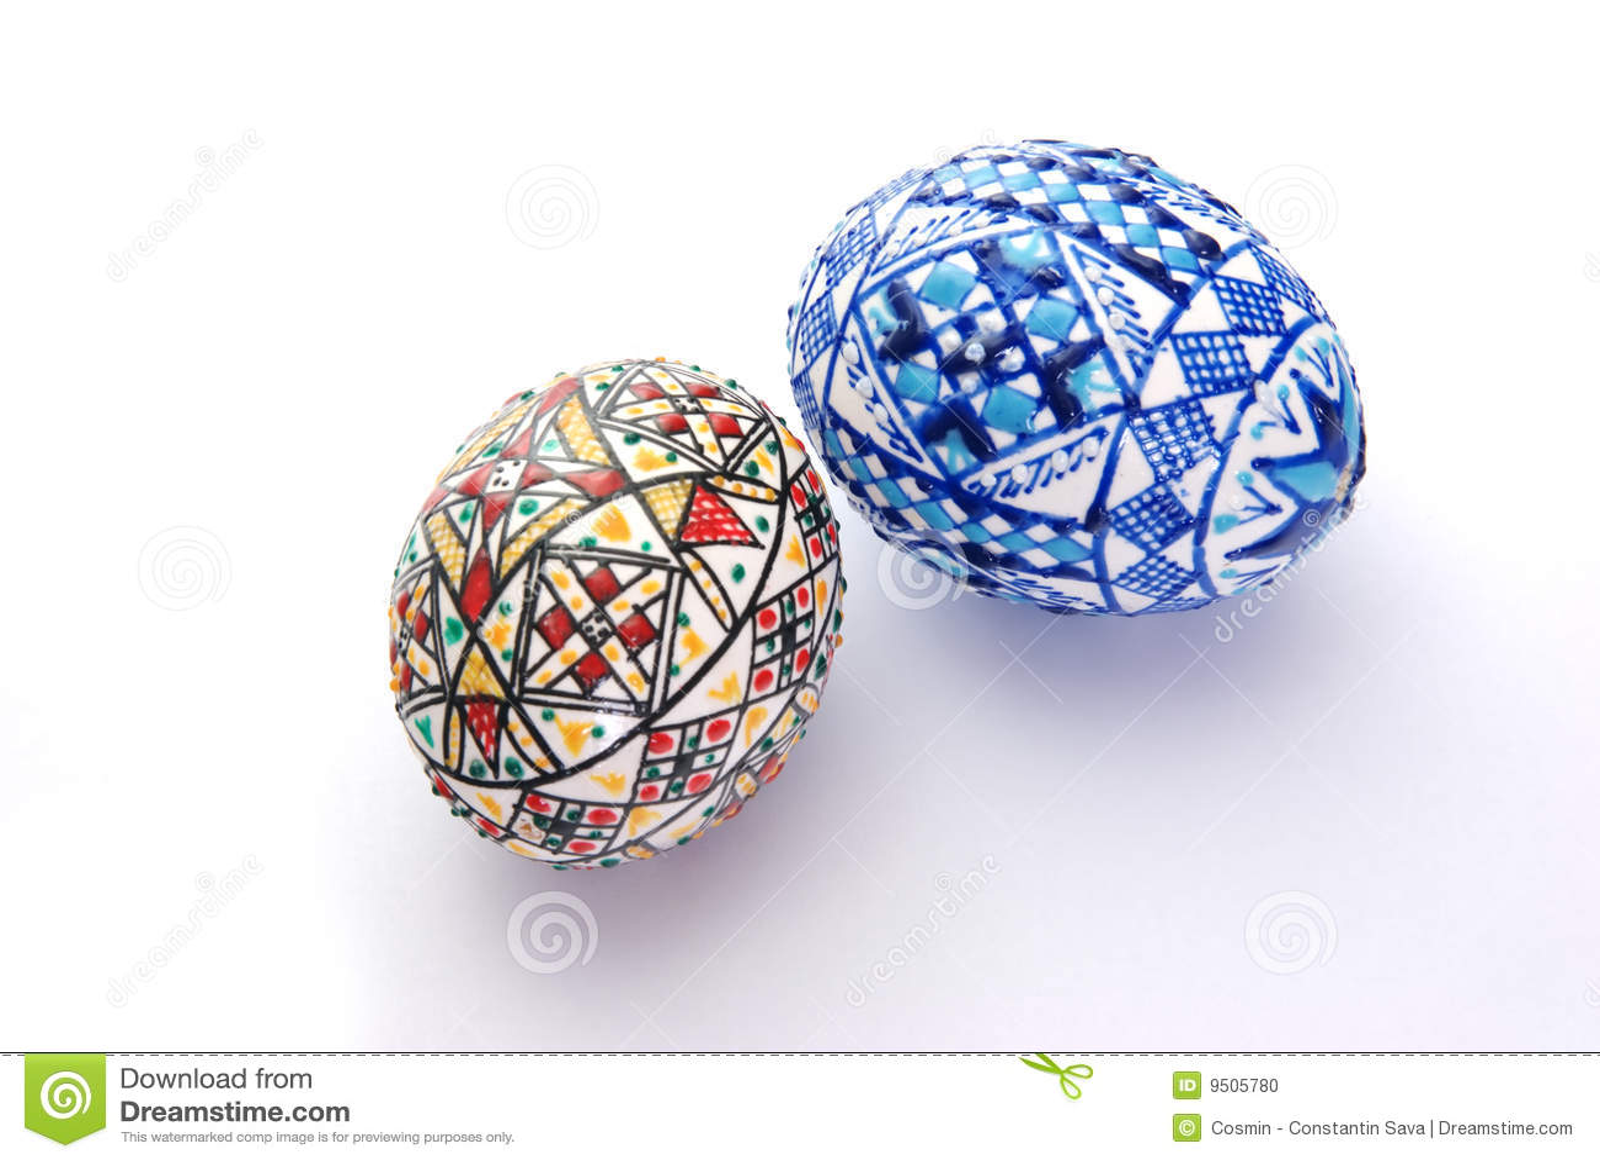 Ovos de easter decorados